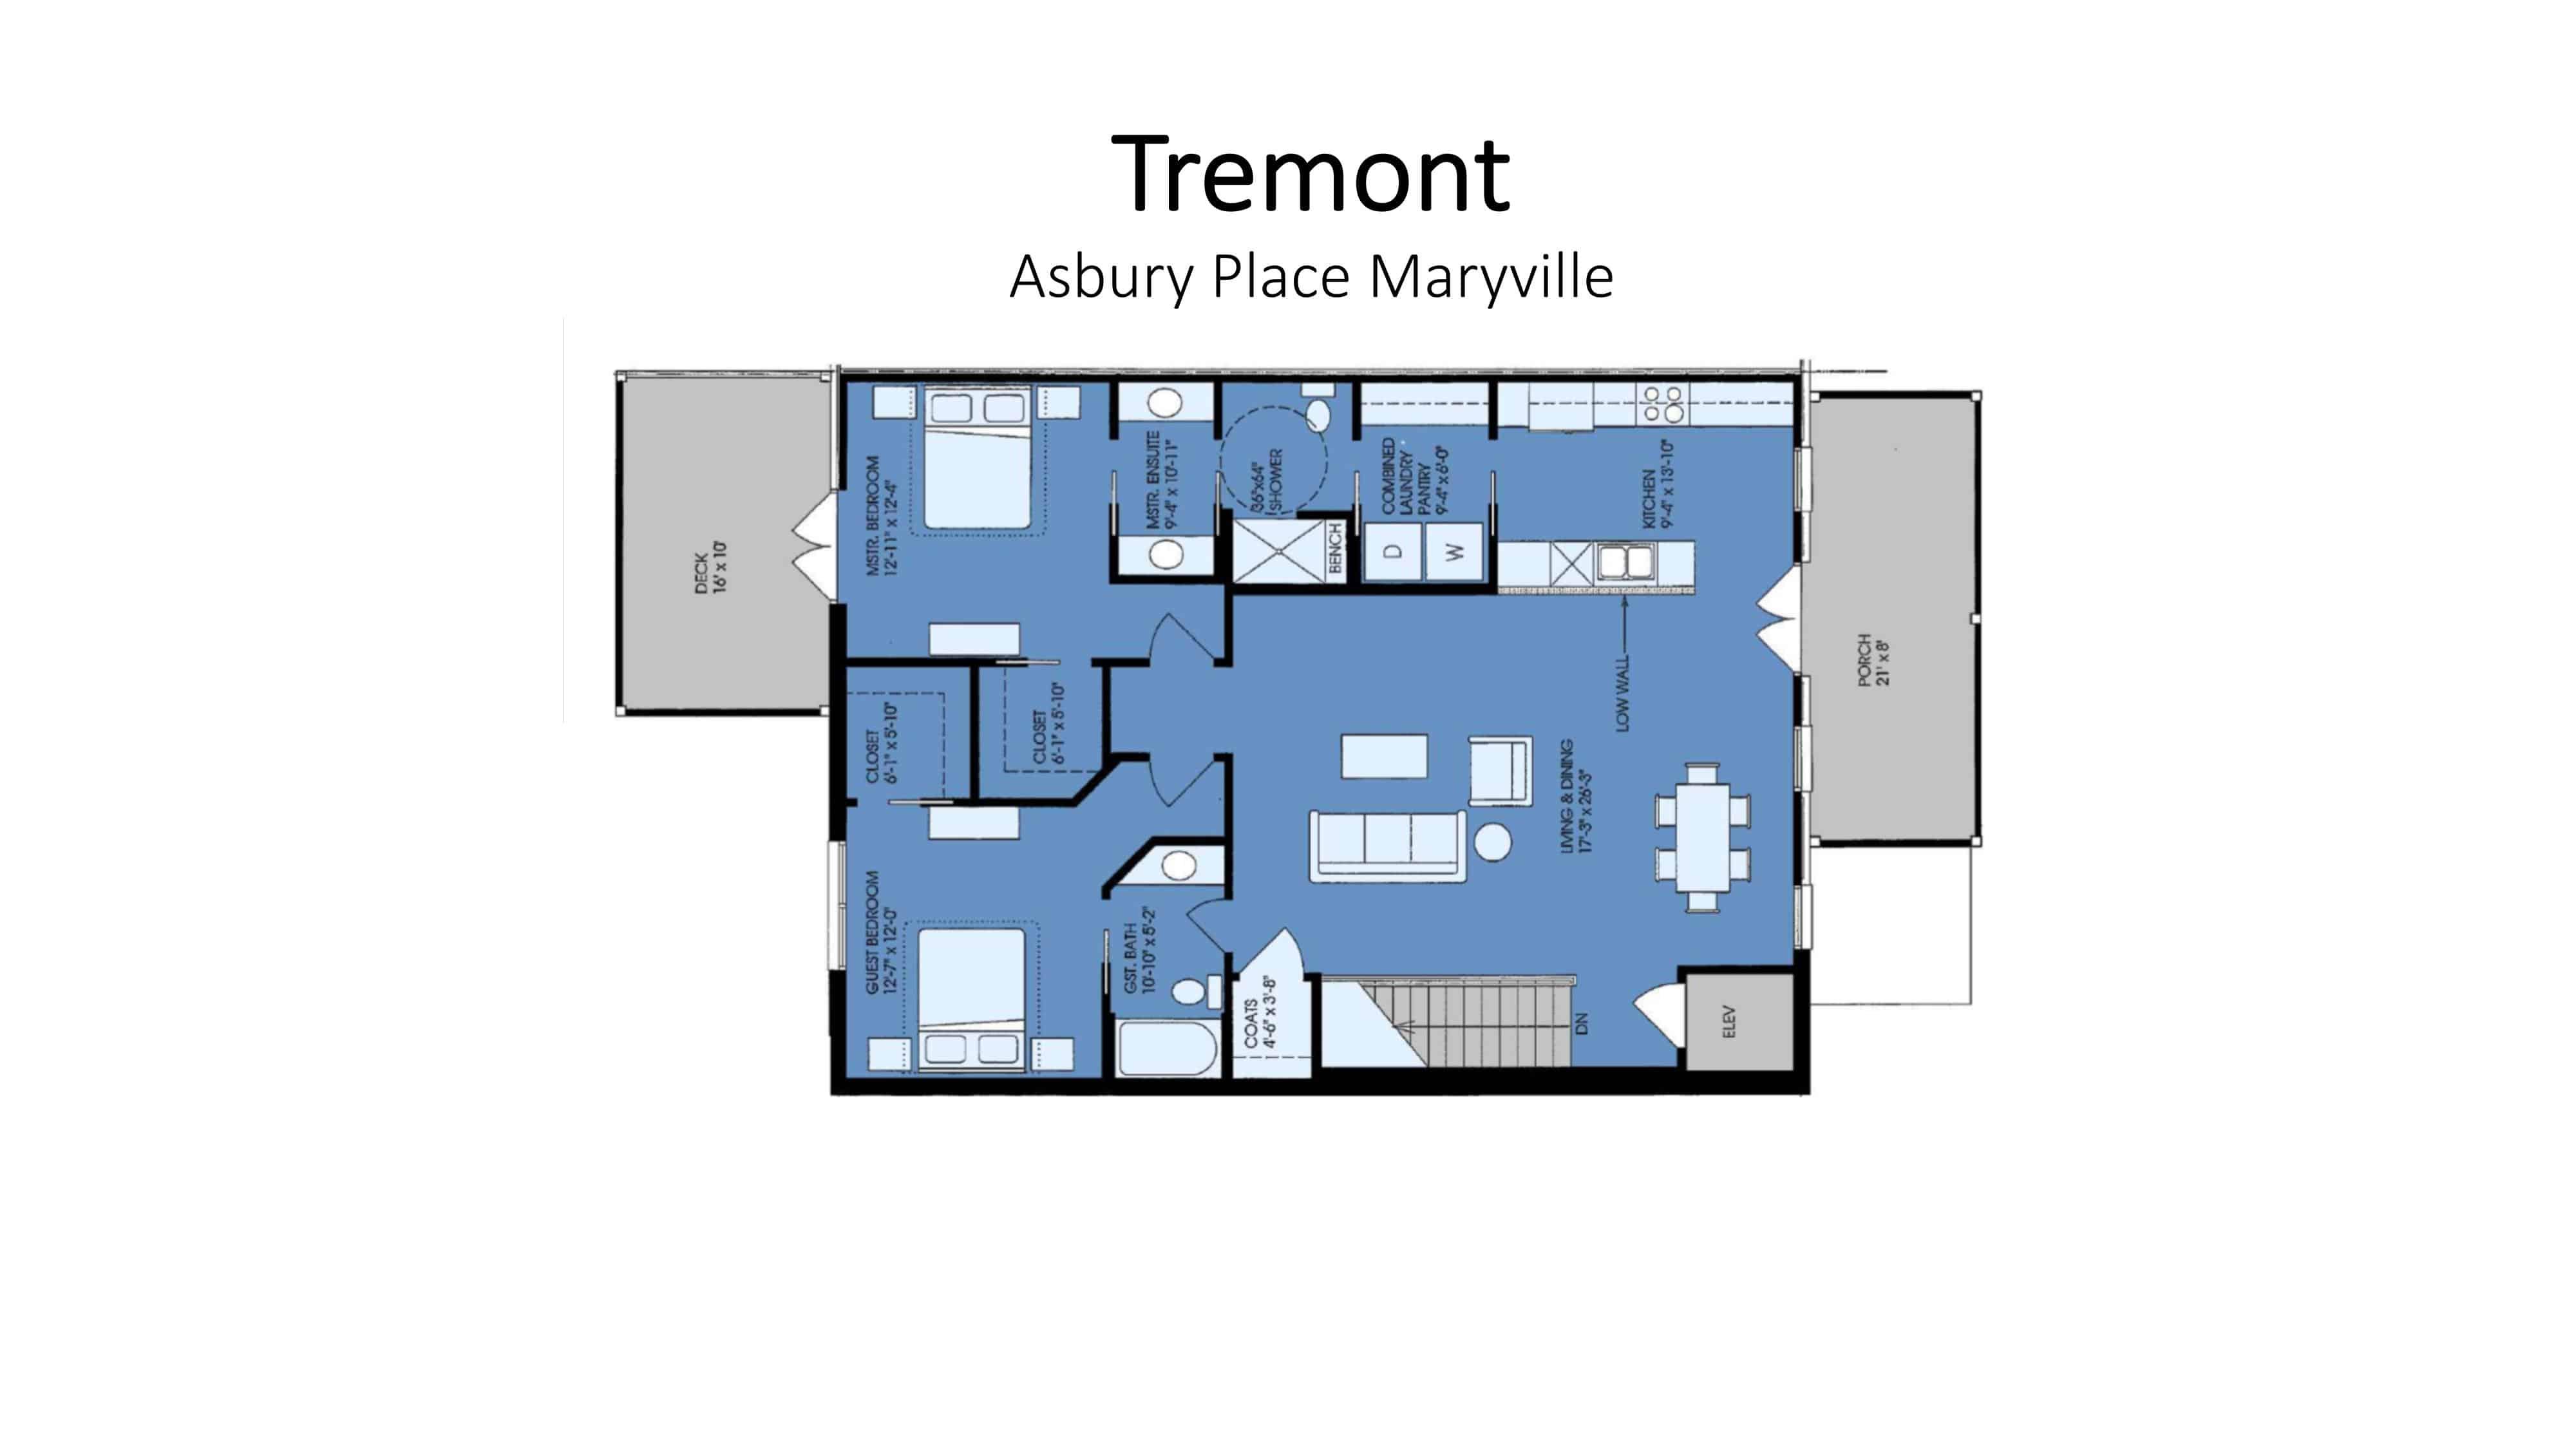 tremont floor plan